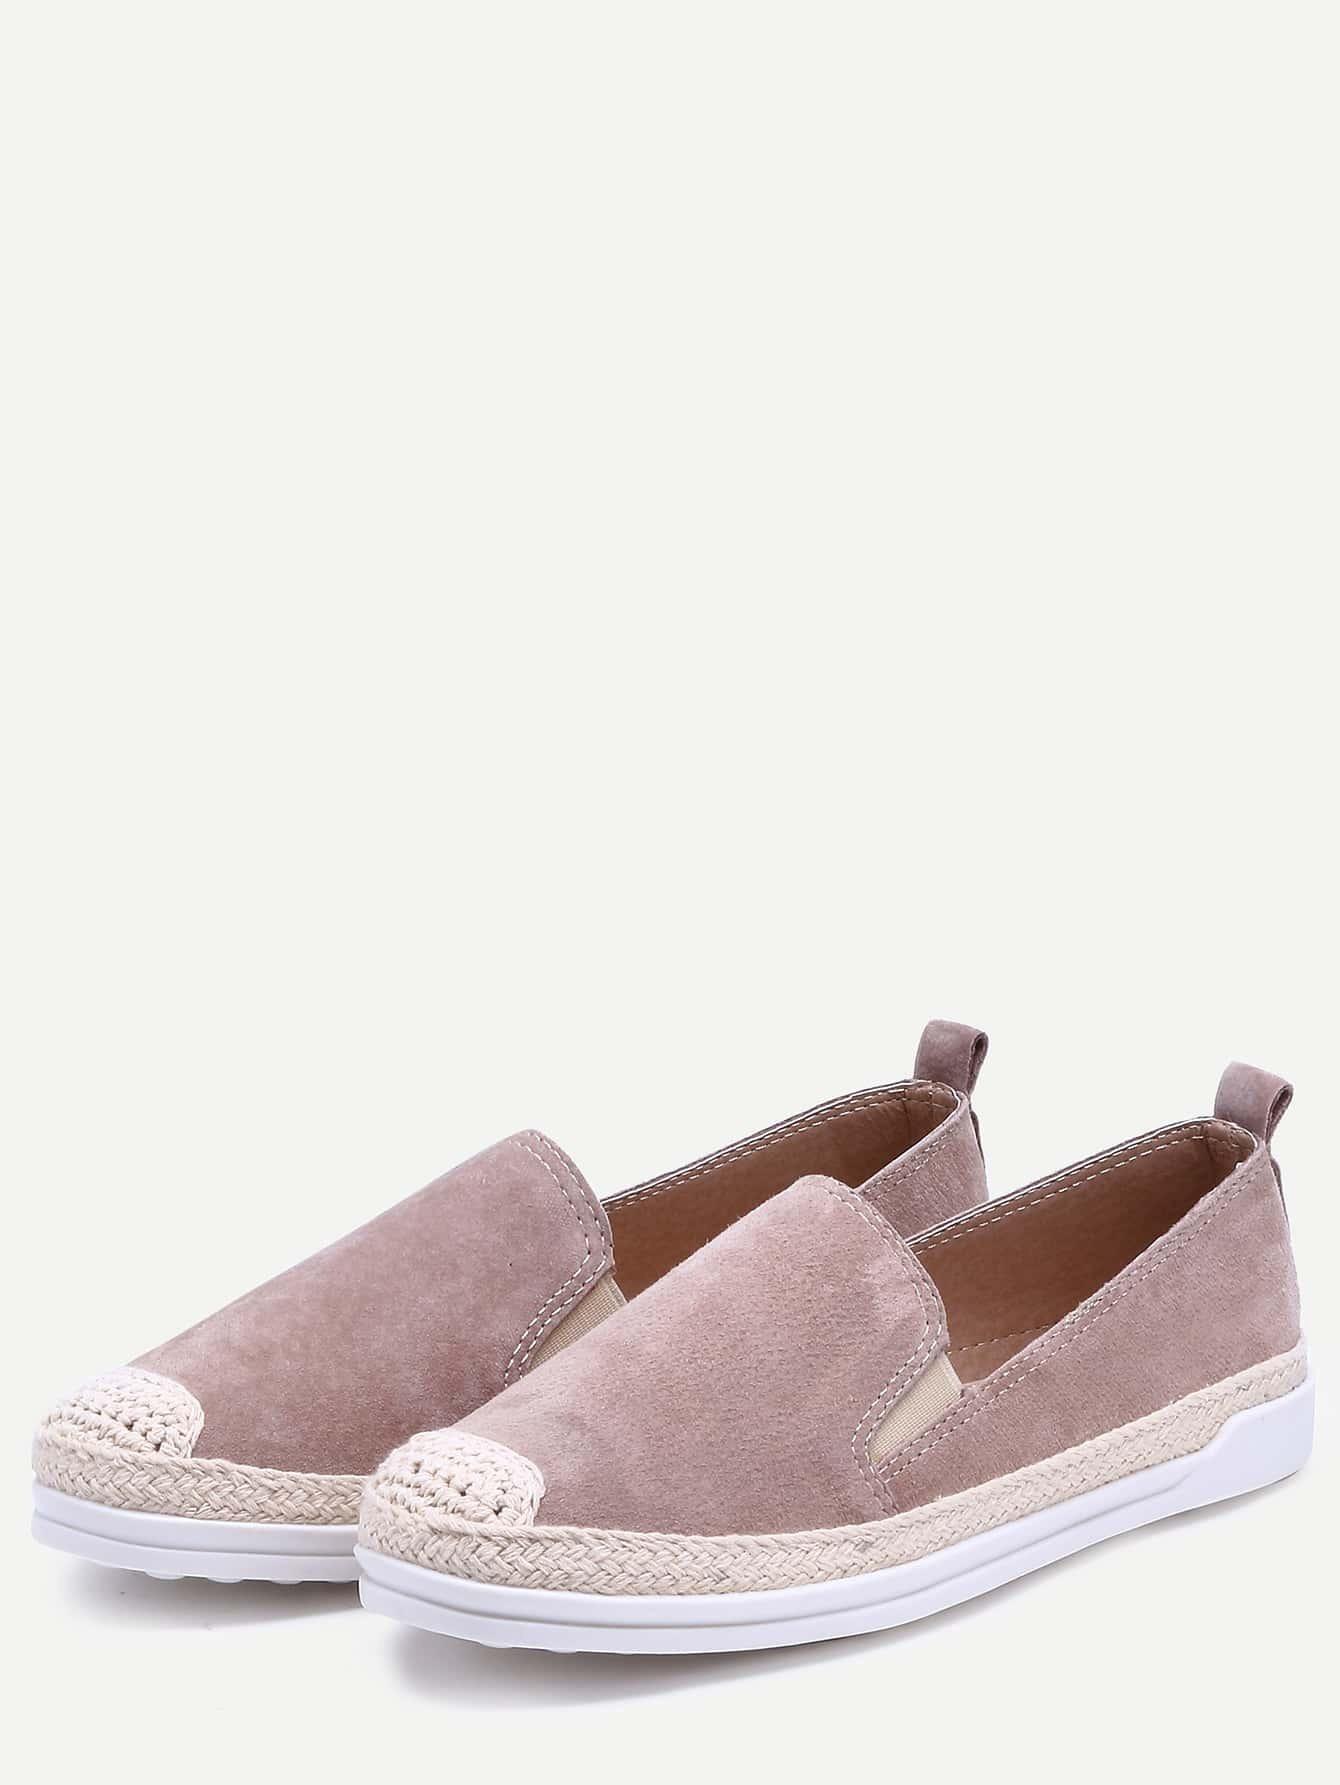 shoes160826801_2